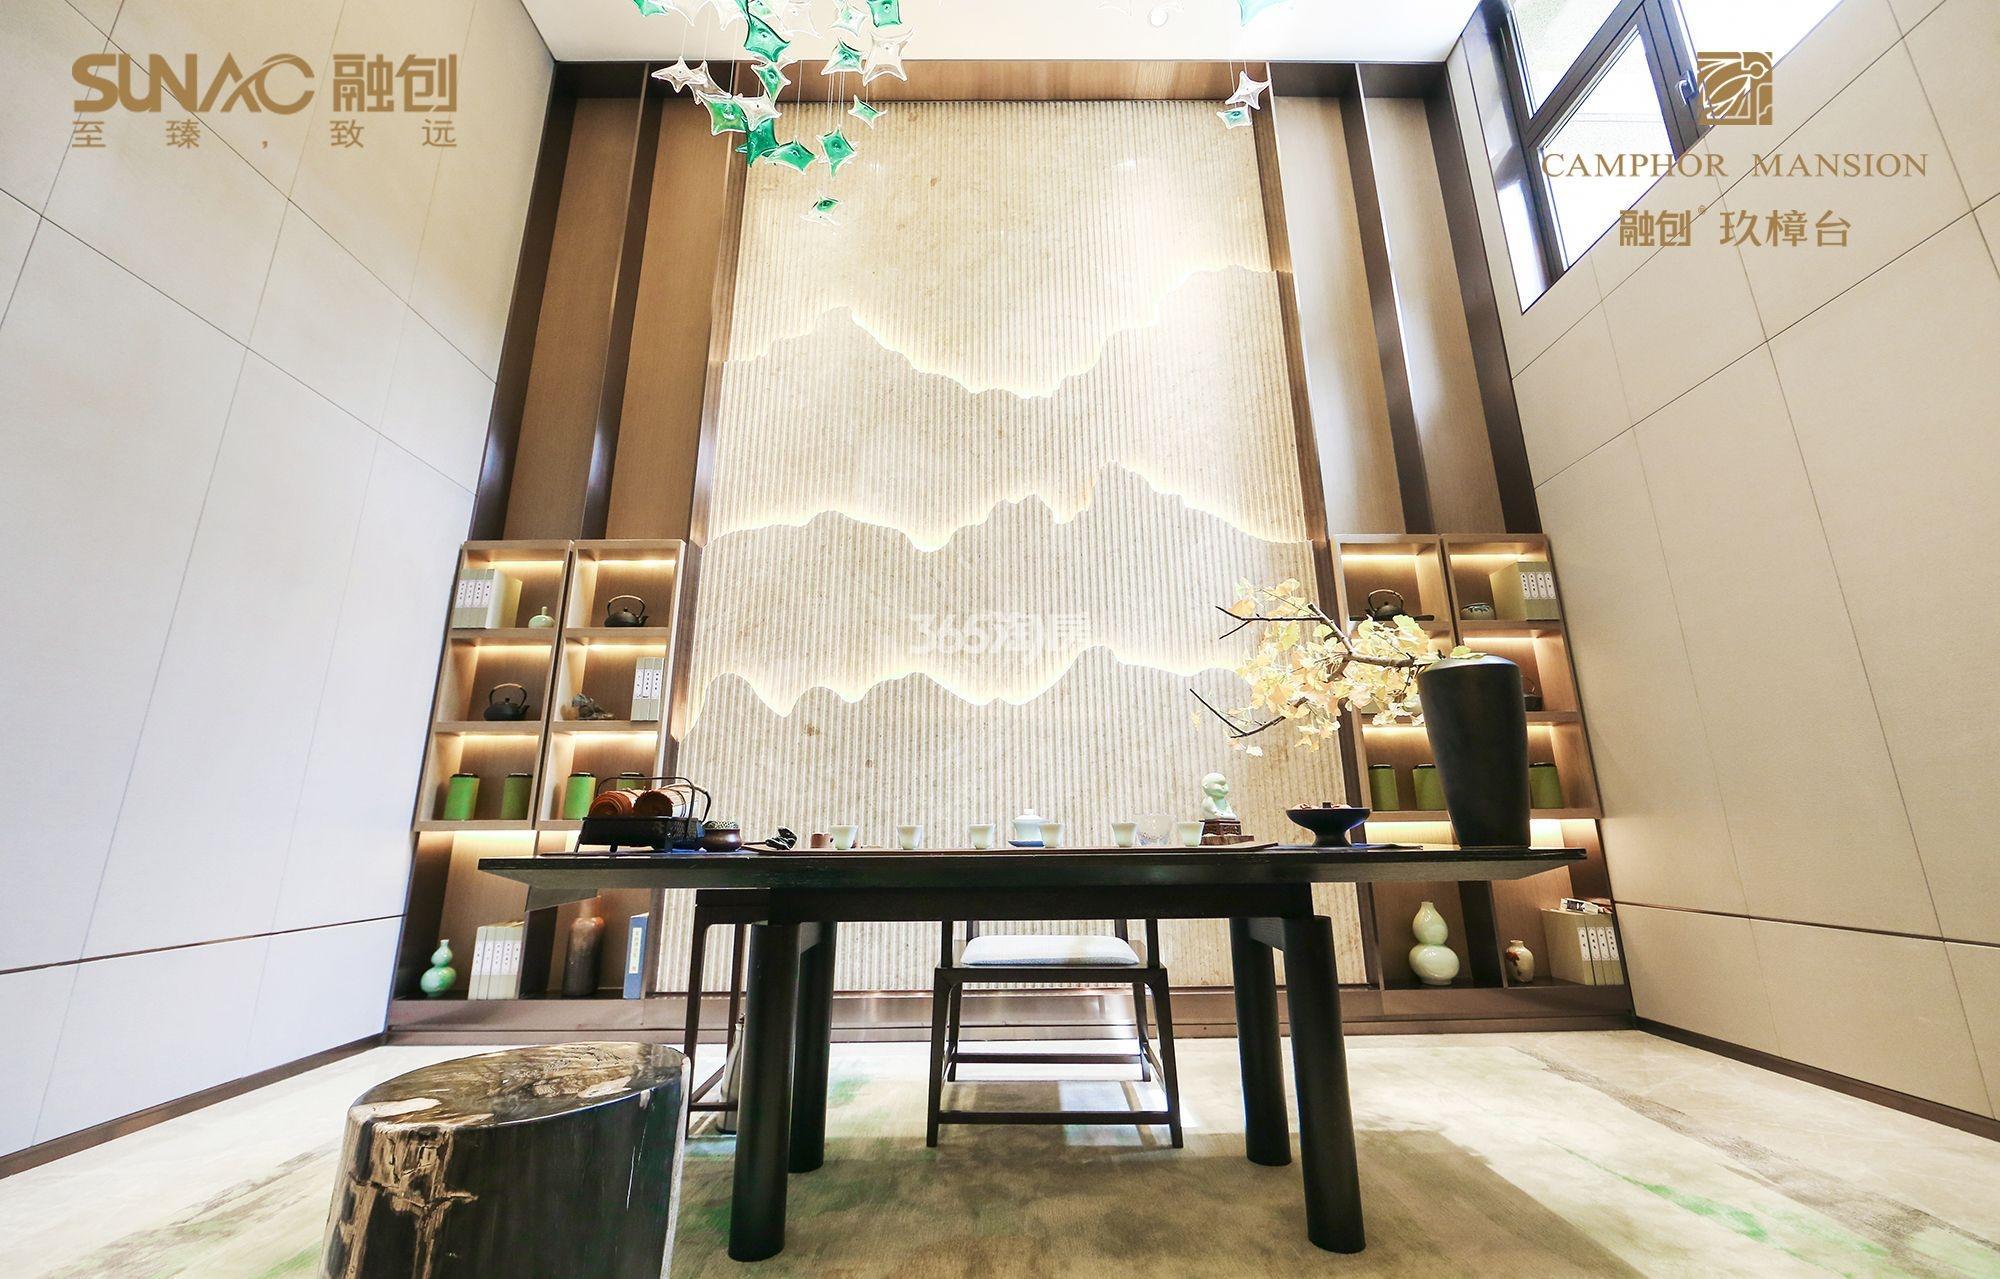 融创玖樟台售楼部一角实景图(2018.4.4)